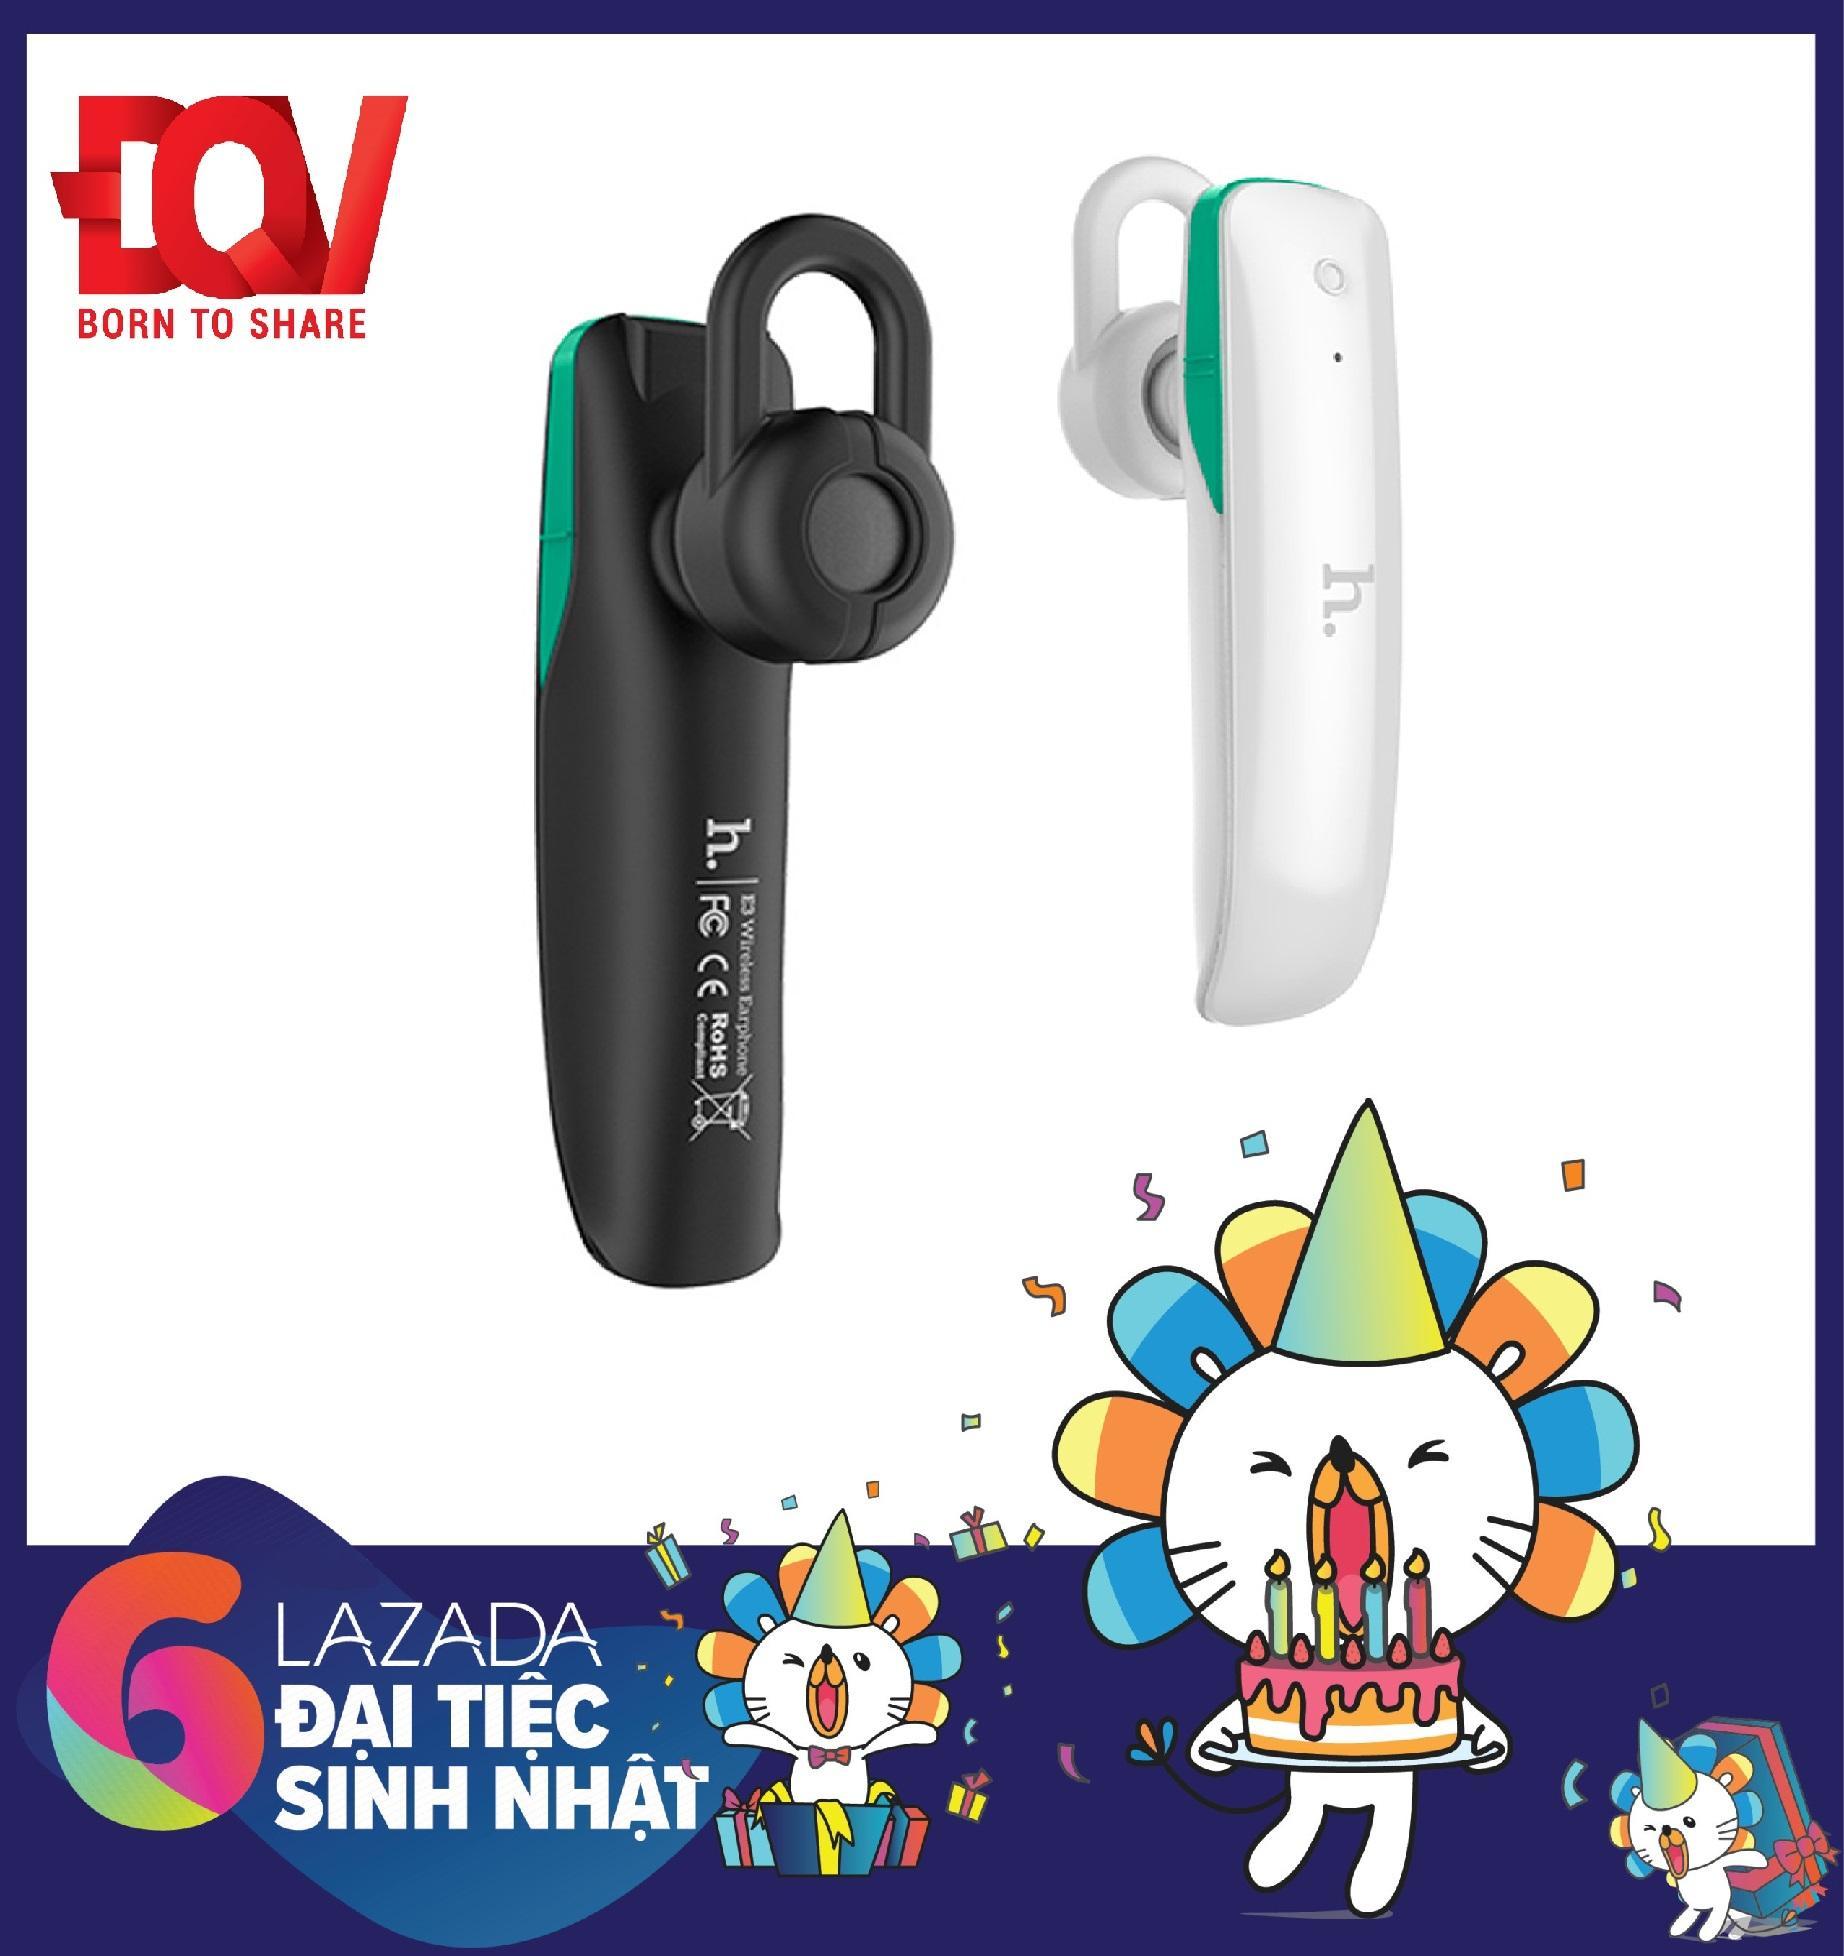 Ôn Tập Tai Nghe Bluetooth Danh Cho Điện Thoại Hoco E1 Trong Hồ Chí Minh